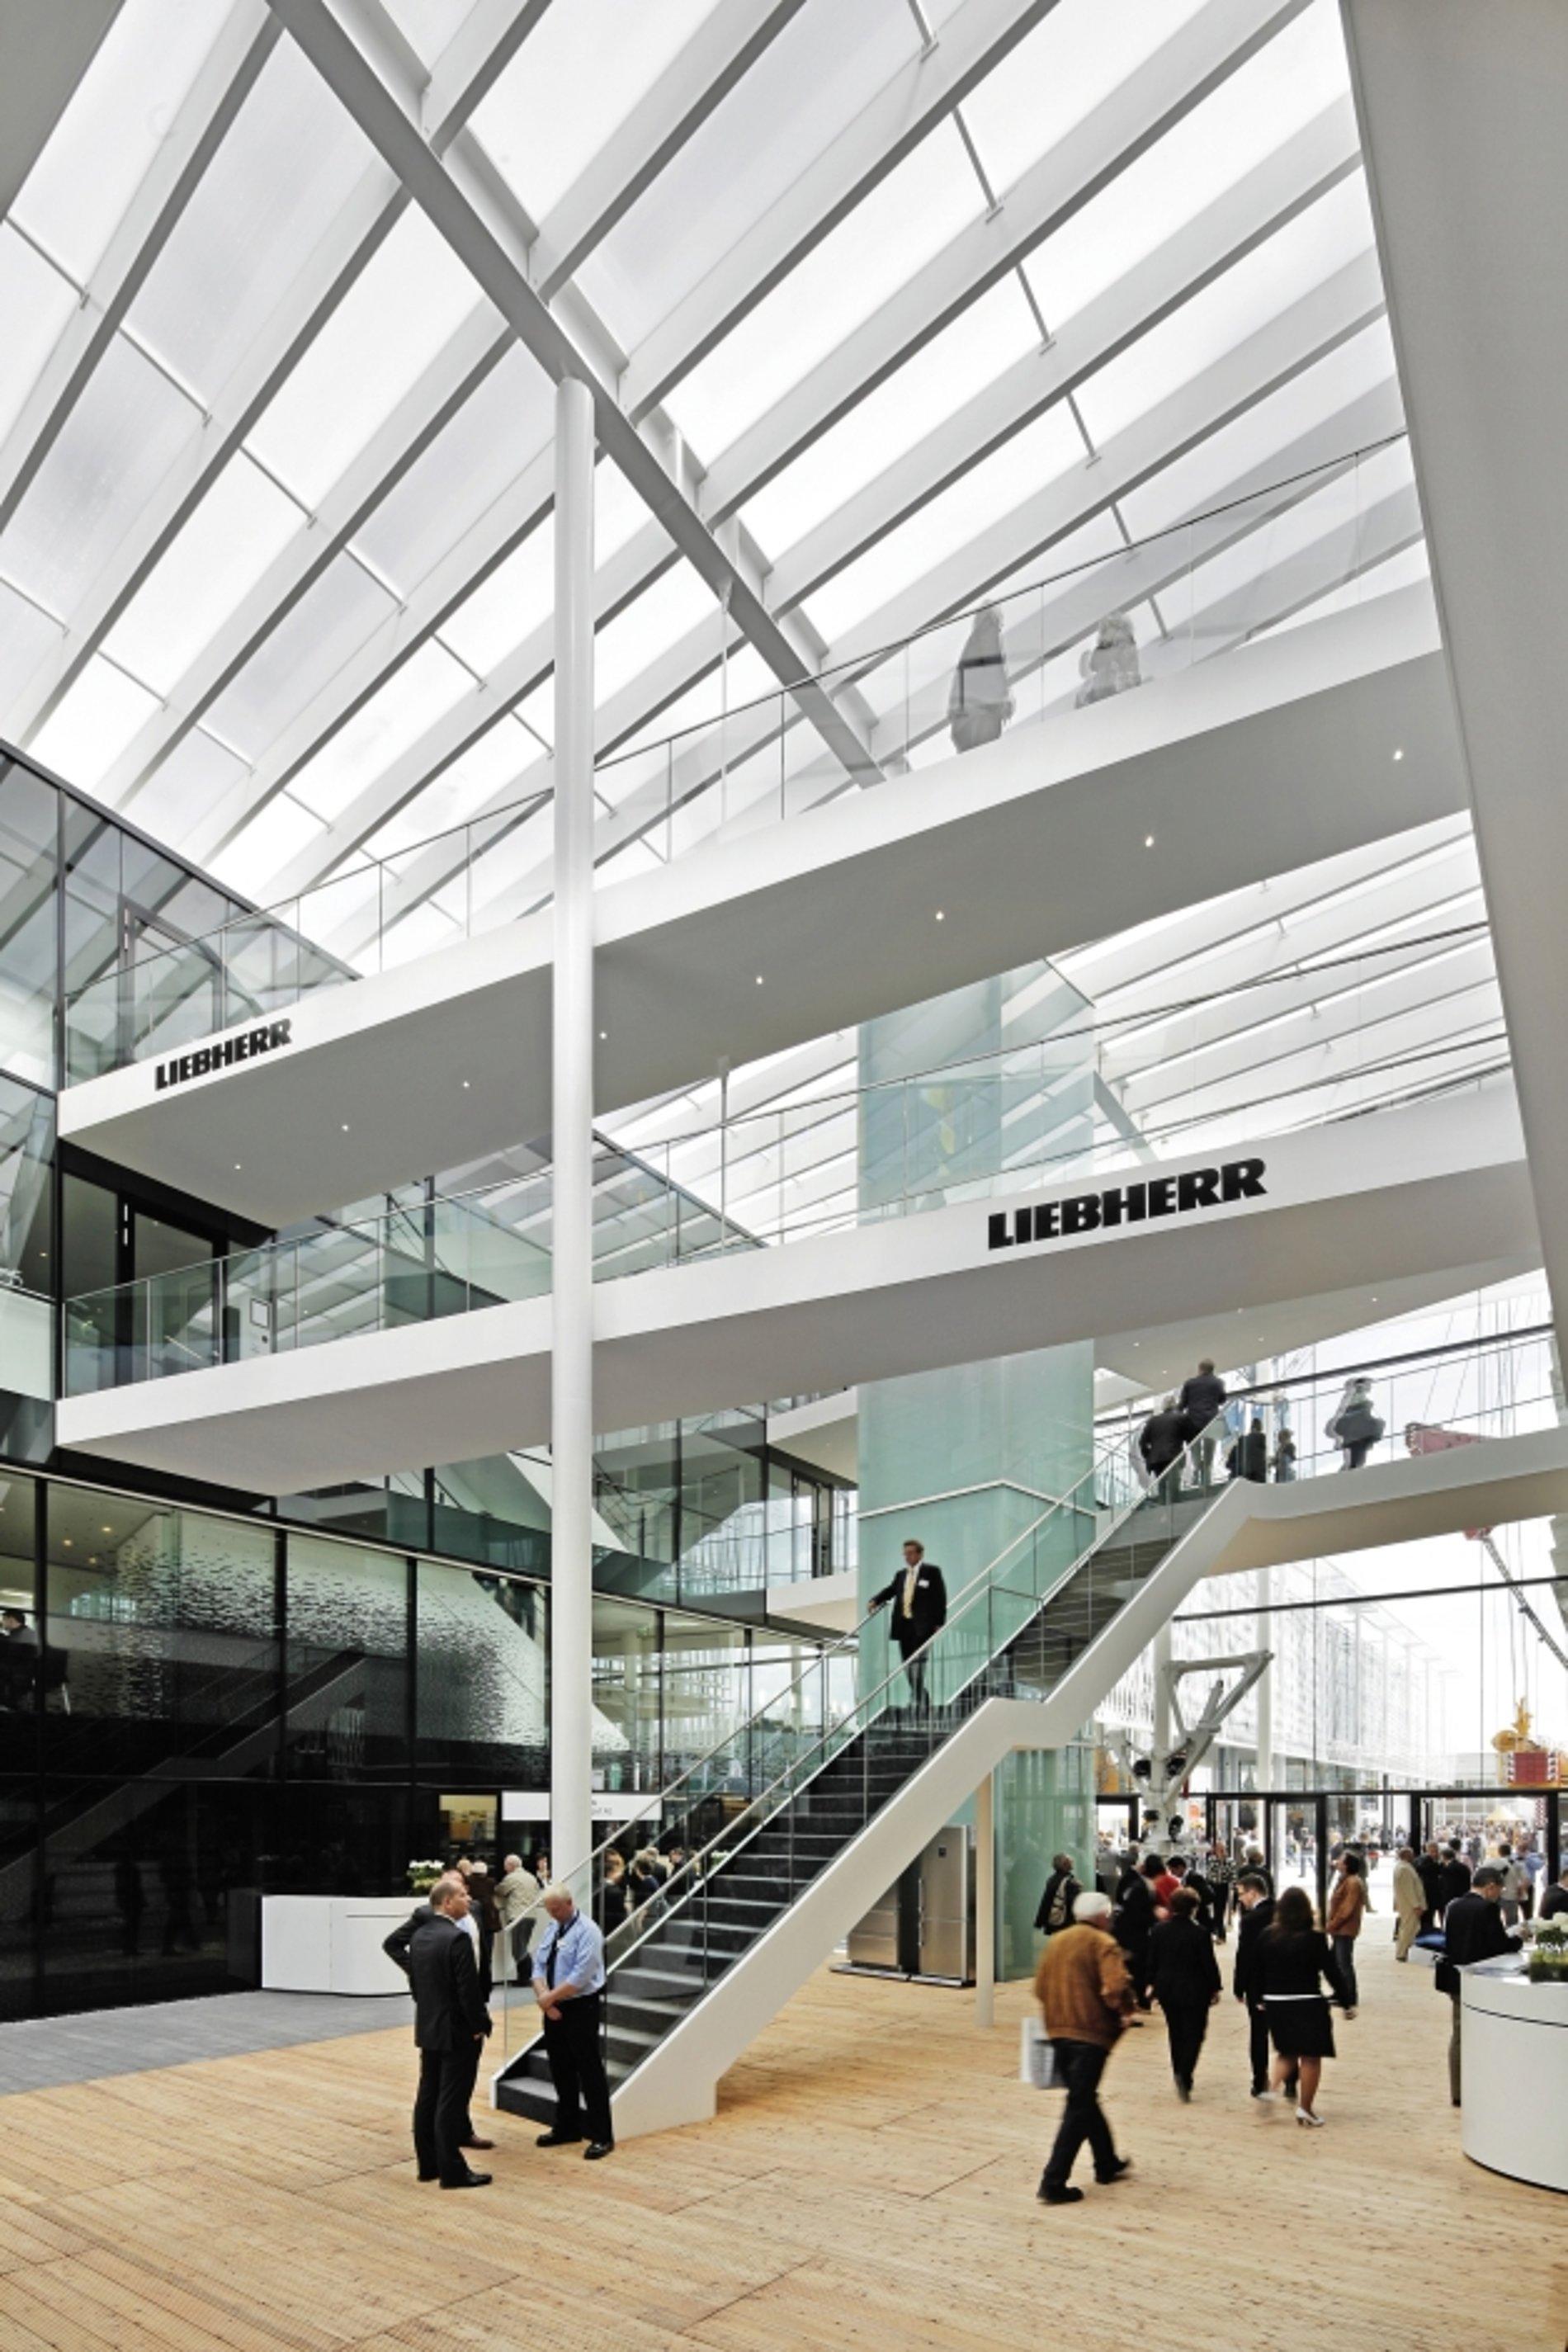 Firmengruppe Liebherr Trade Fair Stand bauma 2010   Red Dot Design Award